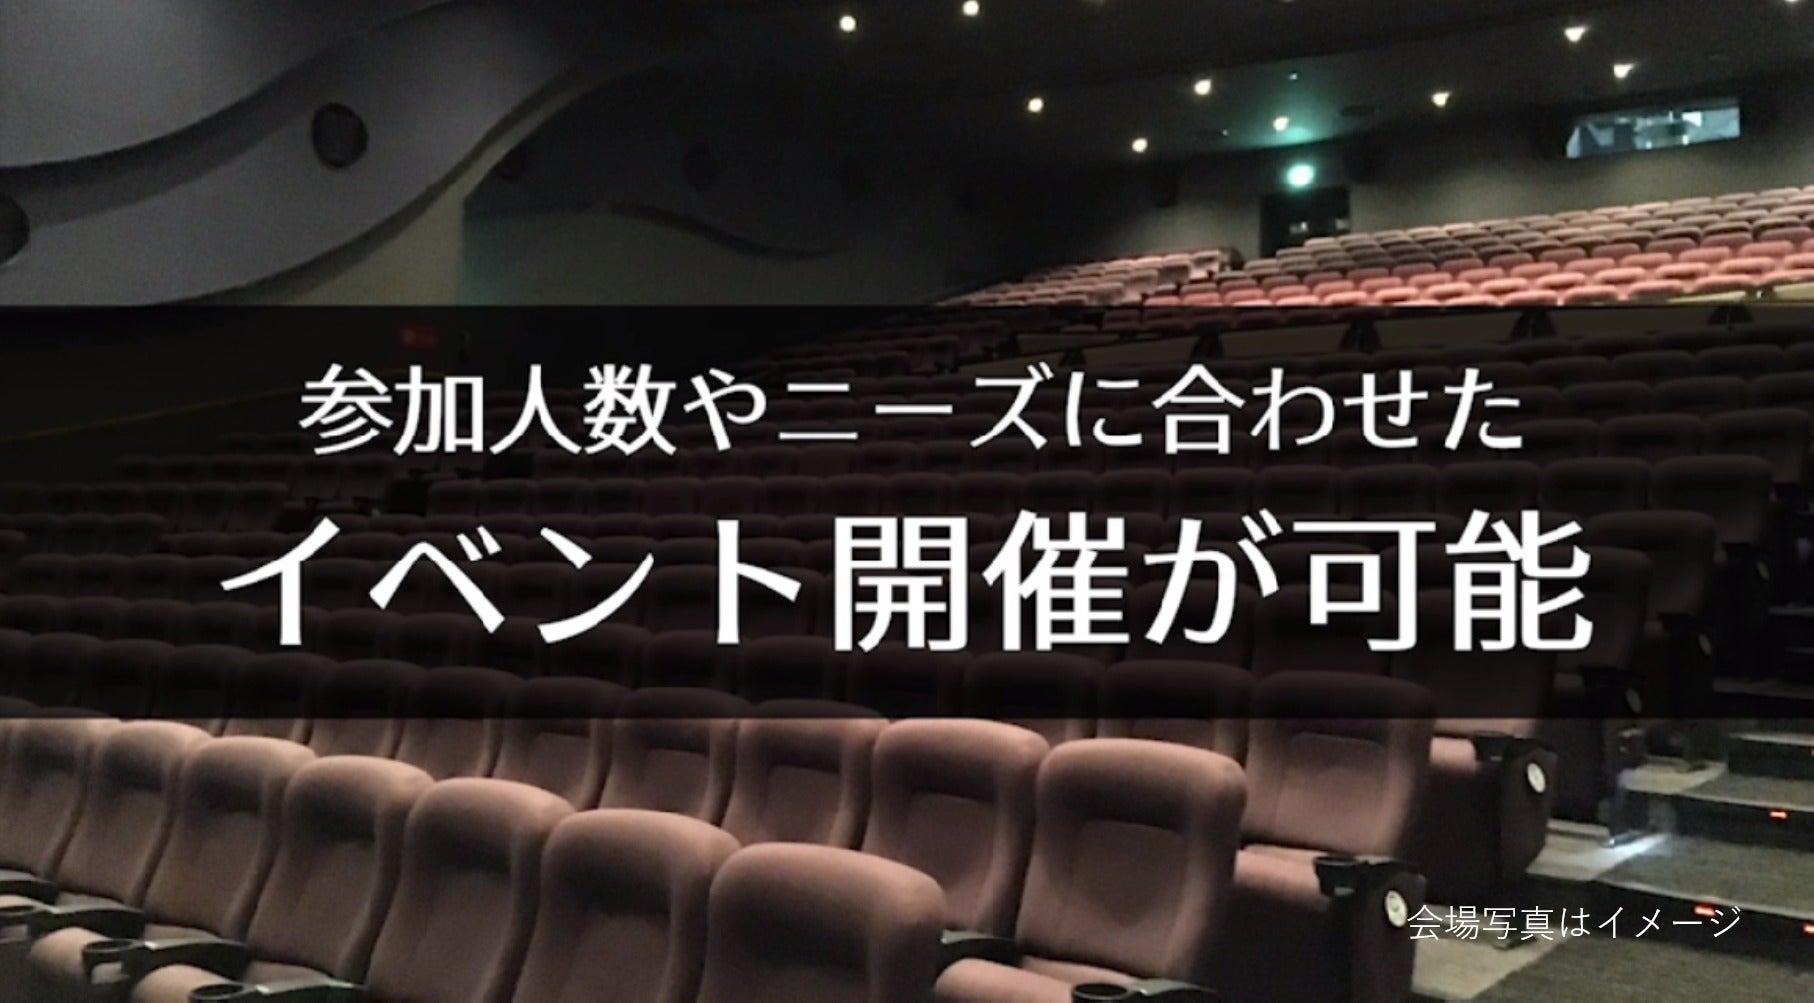 【橿原 479席】映画館で、会社説明会、株主総会、講演会の企画はいかがですか?